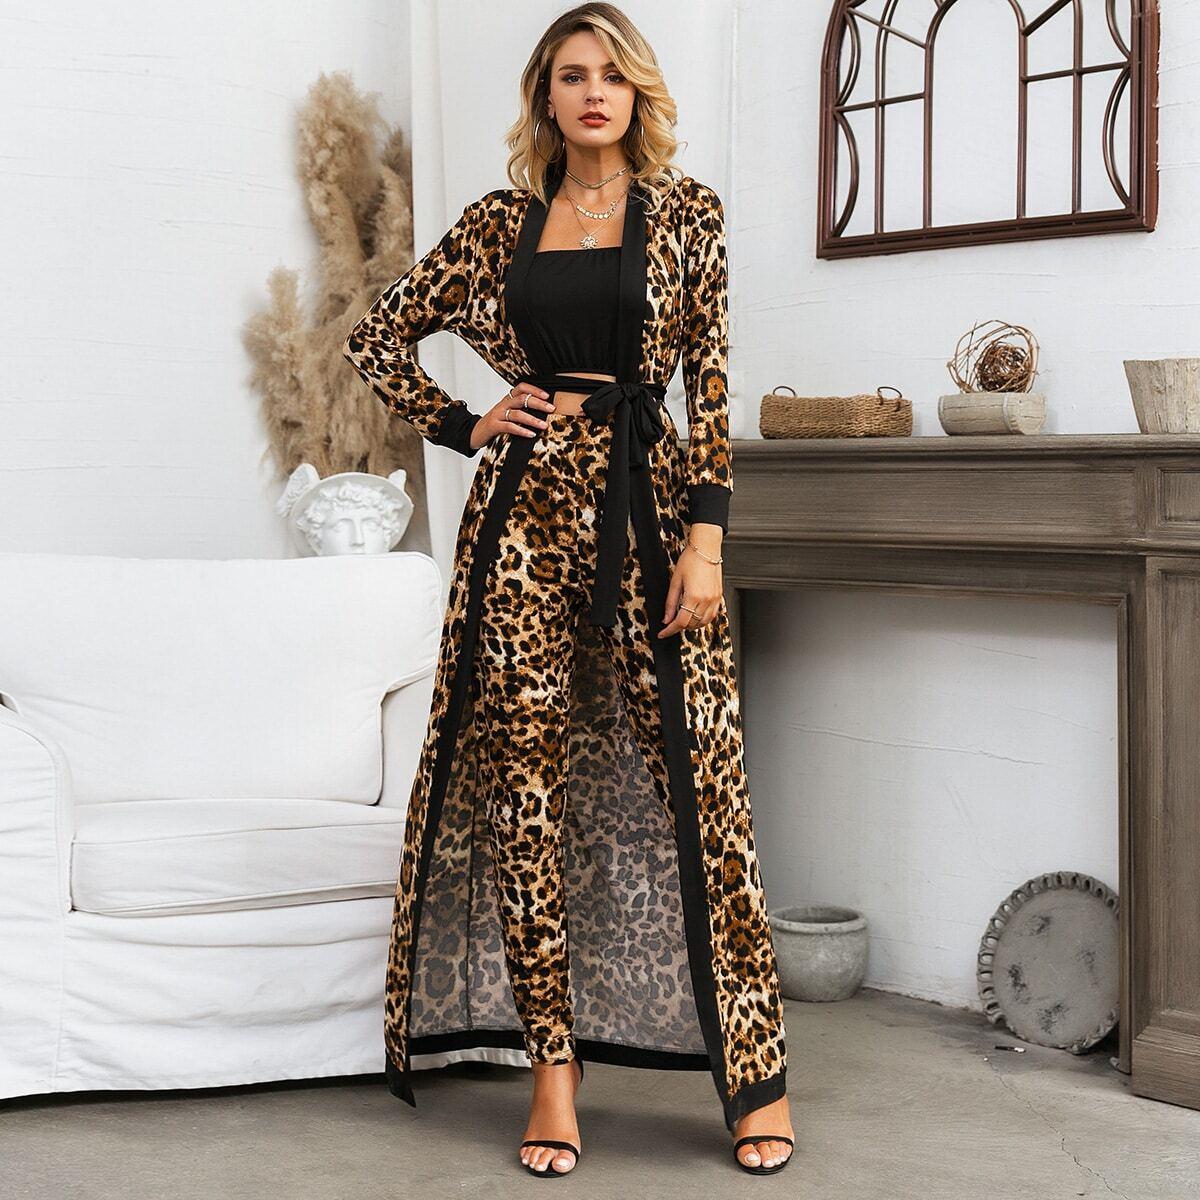 Glamaker топ без бретелек, леопардовые брюки и пальто с поясом от SHEIN